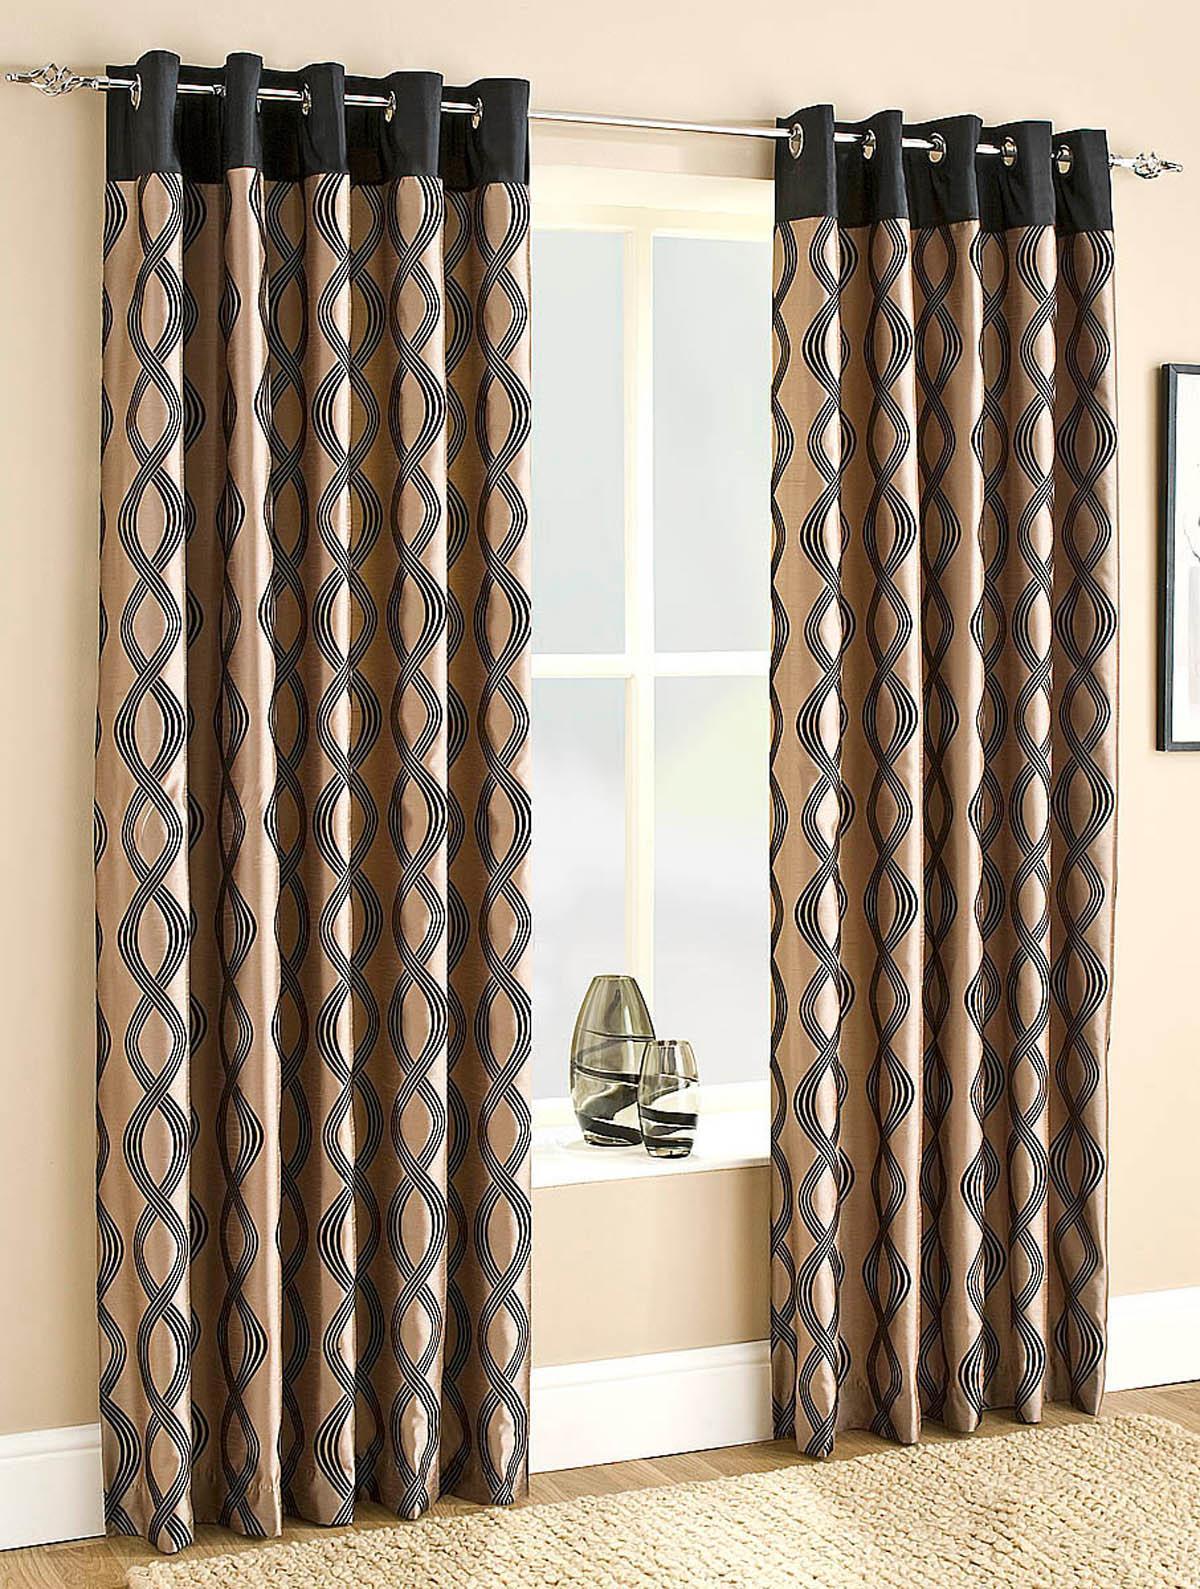 Marburn Curtain Curtain Discount Drapes Curtains Outlet Jamiafurqan Marburn Curtain Warehouse